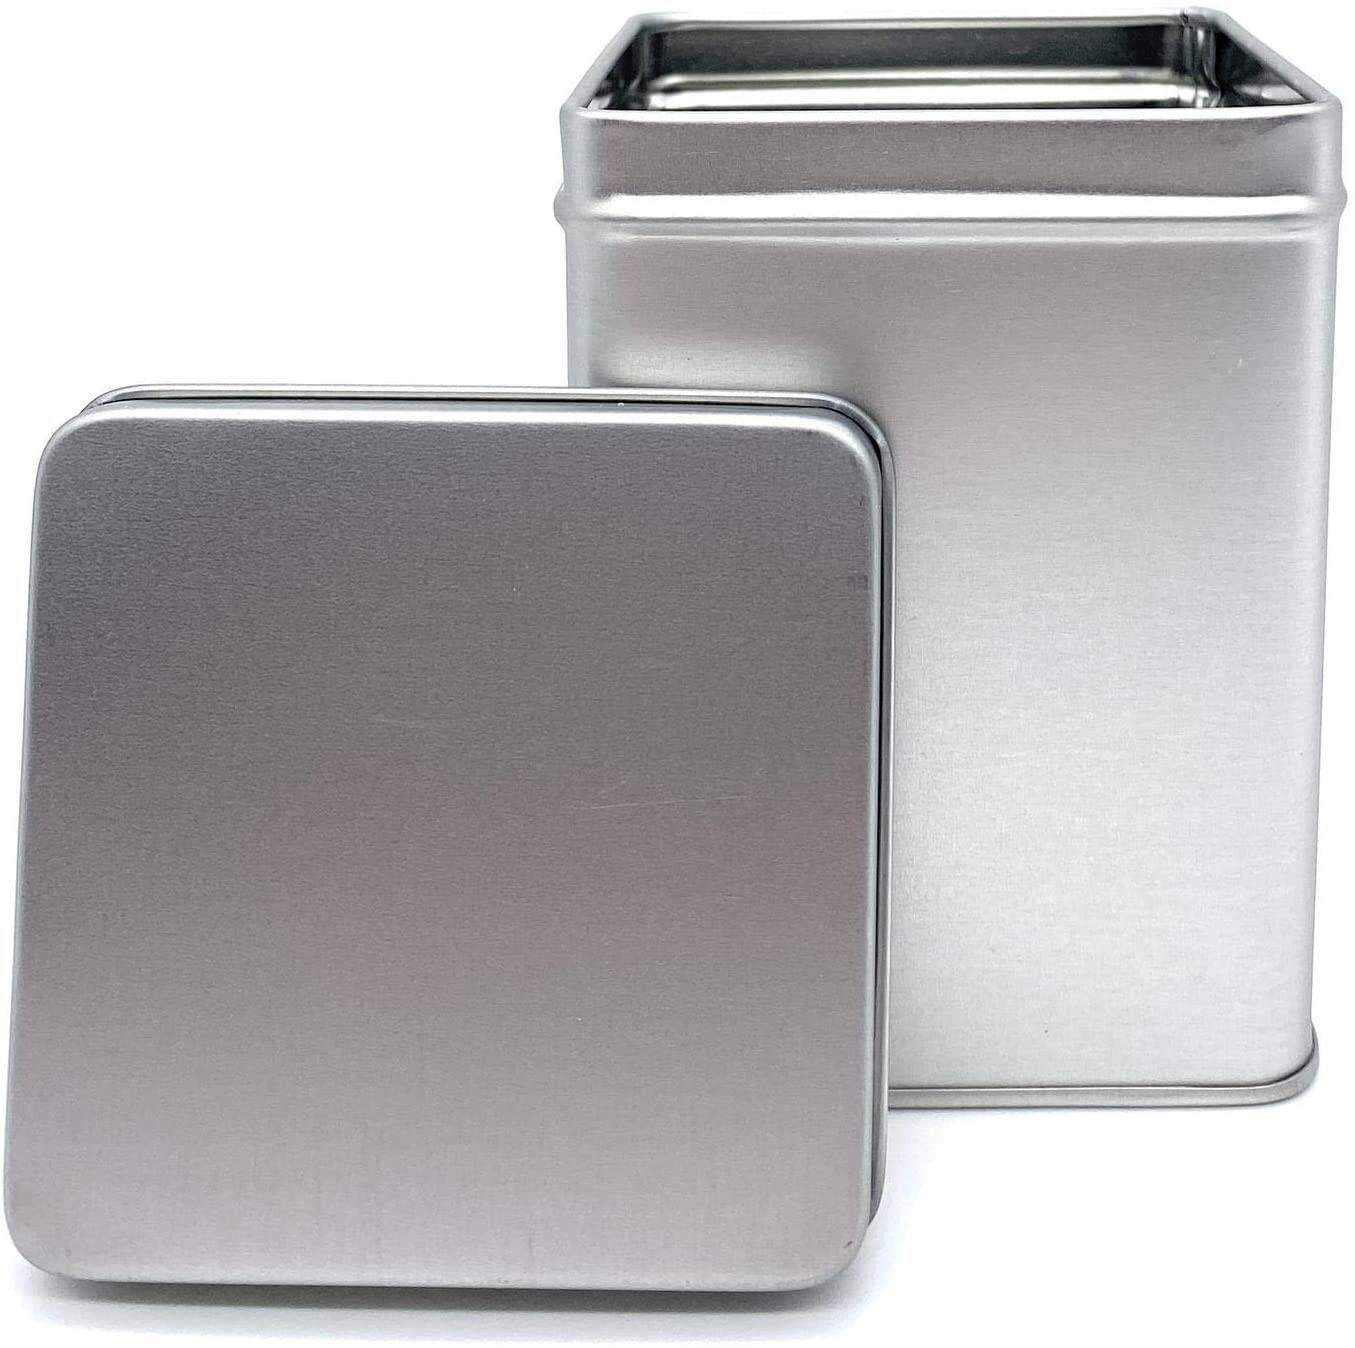 BOITE A THÉ ou CAFÉ en métal argenté